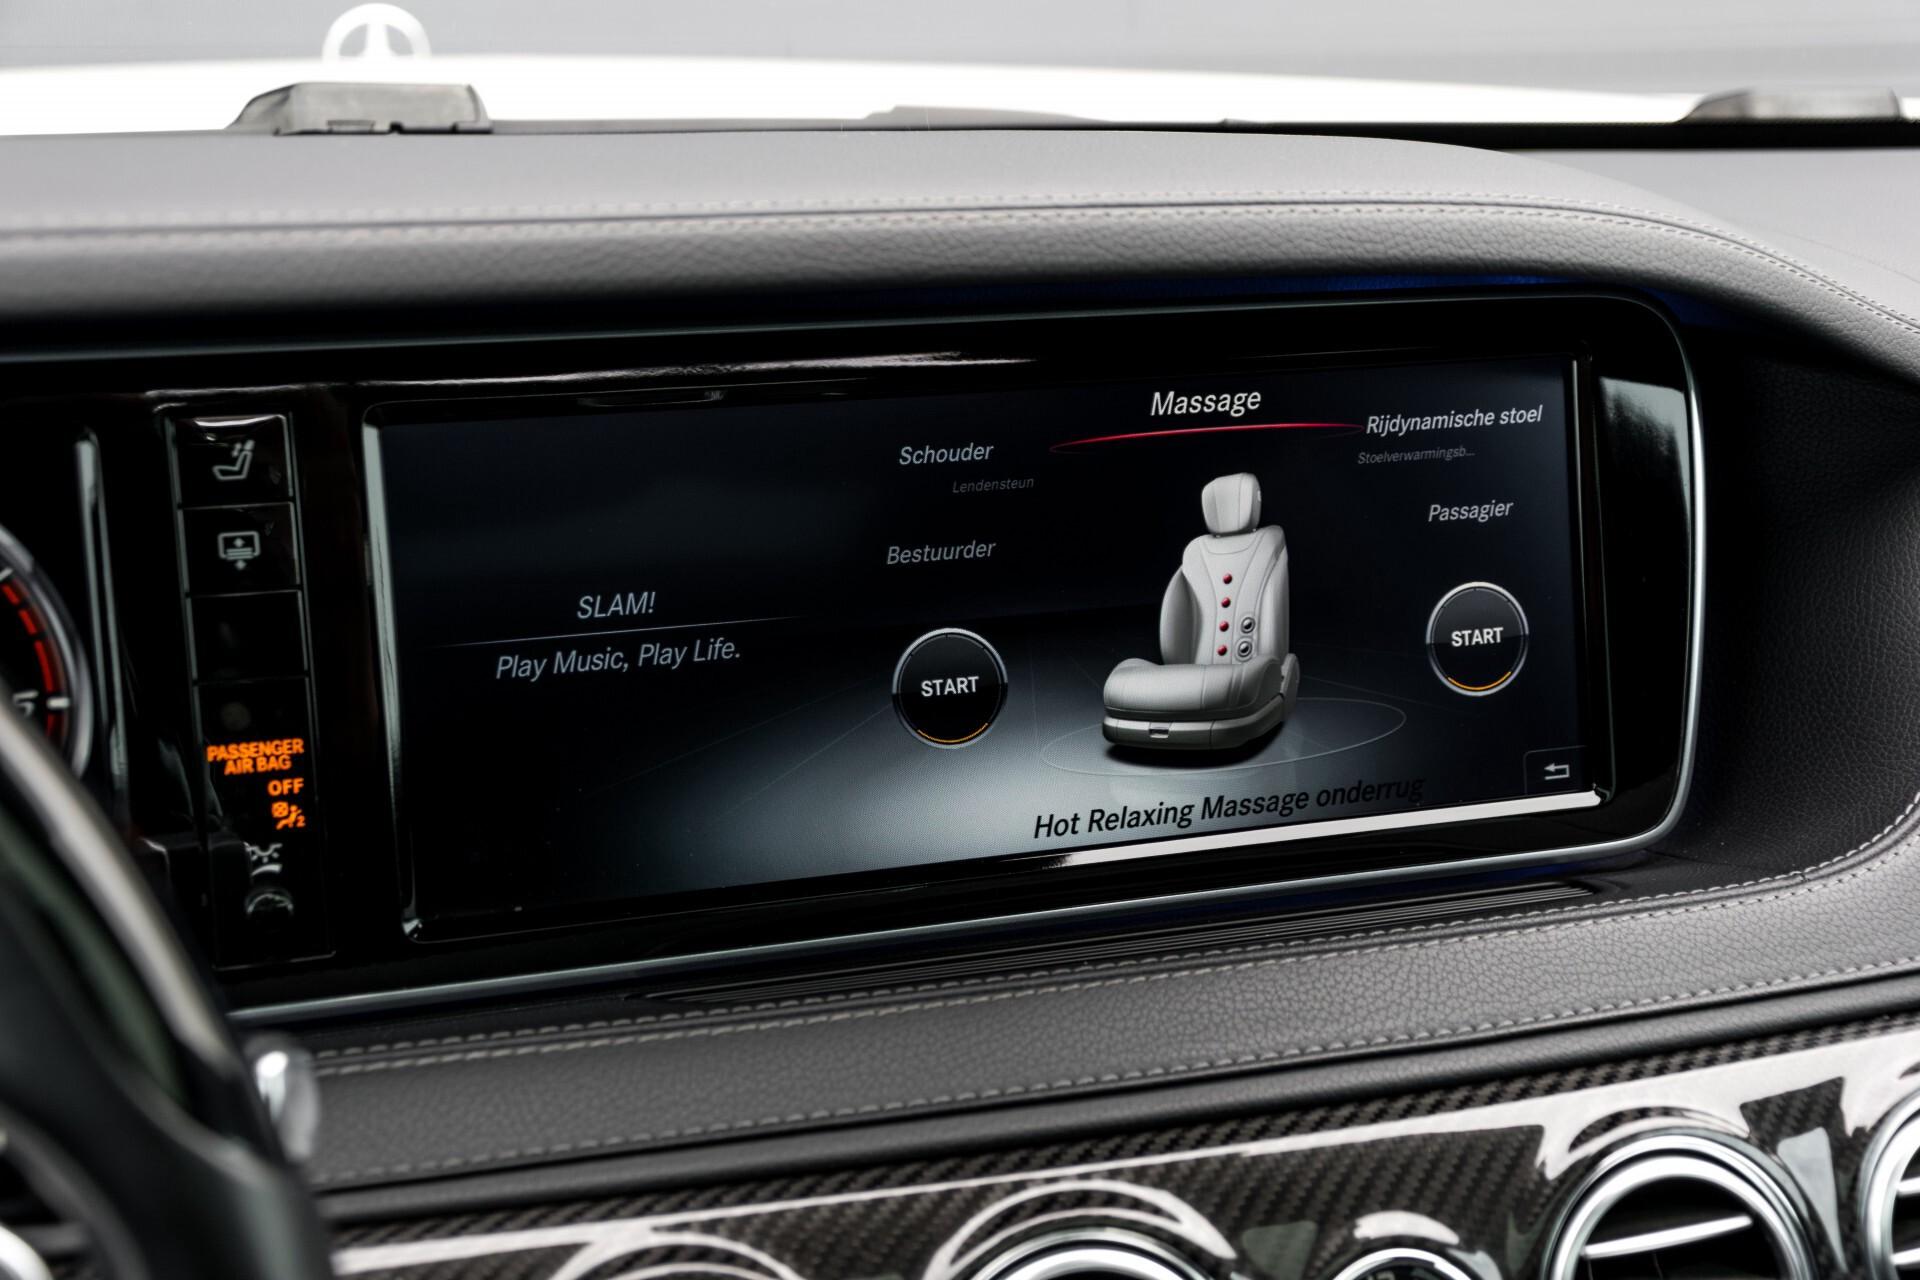 Mercedes-Benz S-Klasse 350 Bluetec Lang 4-M AMG Plus Carbon/Burmester 3D/Standkachel/4xMassage/Entertainment Aut7 Foto 19